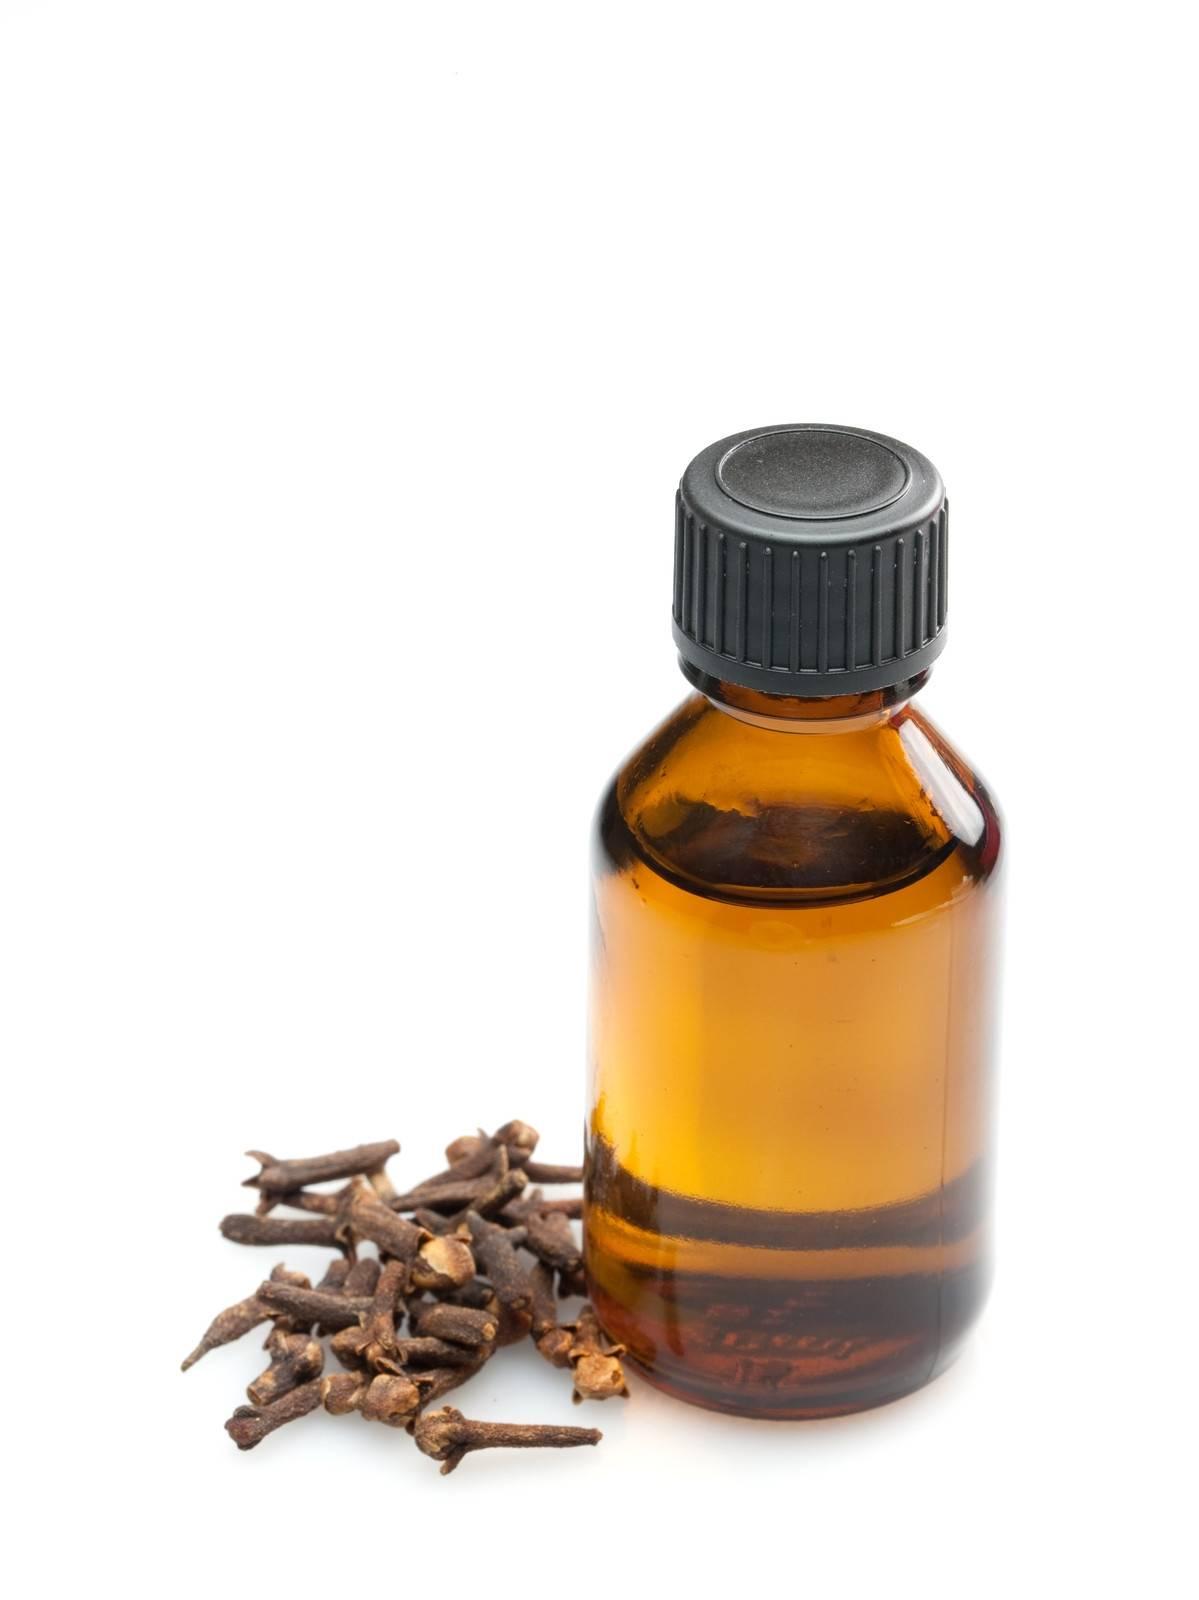 Полезные свойства масла гвоздики и неожиданные сферы применения, выбор эфира